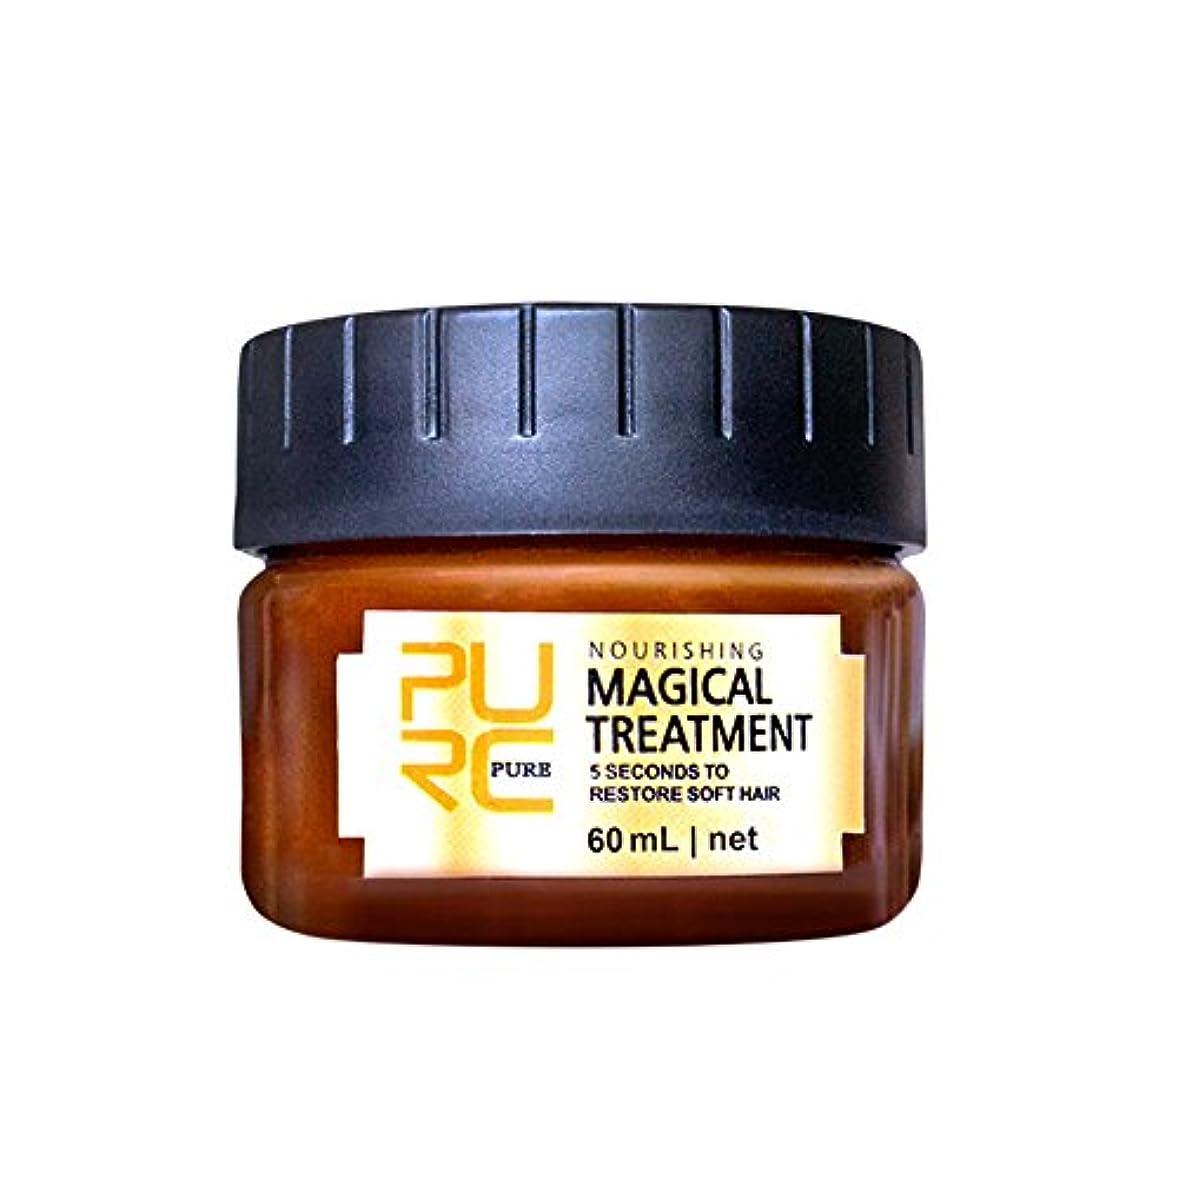 太字モス撤退ヘアトリートメント ディープリペア軟膏マスク 髪の栄養素を補う 角質層の保護を強化する 乾燥した髪に適しています 髪を柔らかくつやつやに保ちます 60ml / 120ml (B 60 ml)